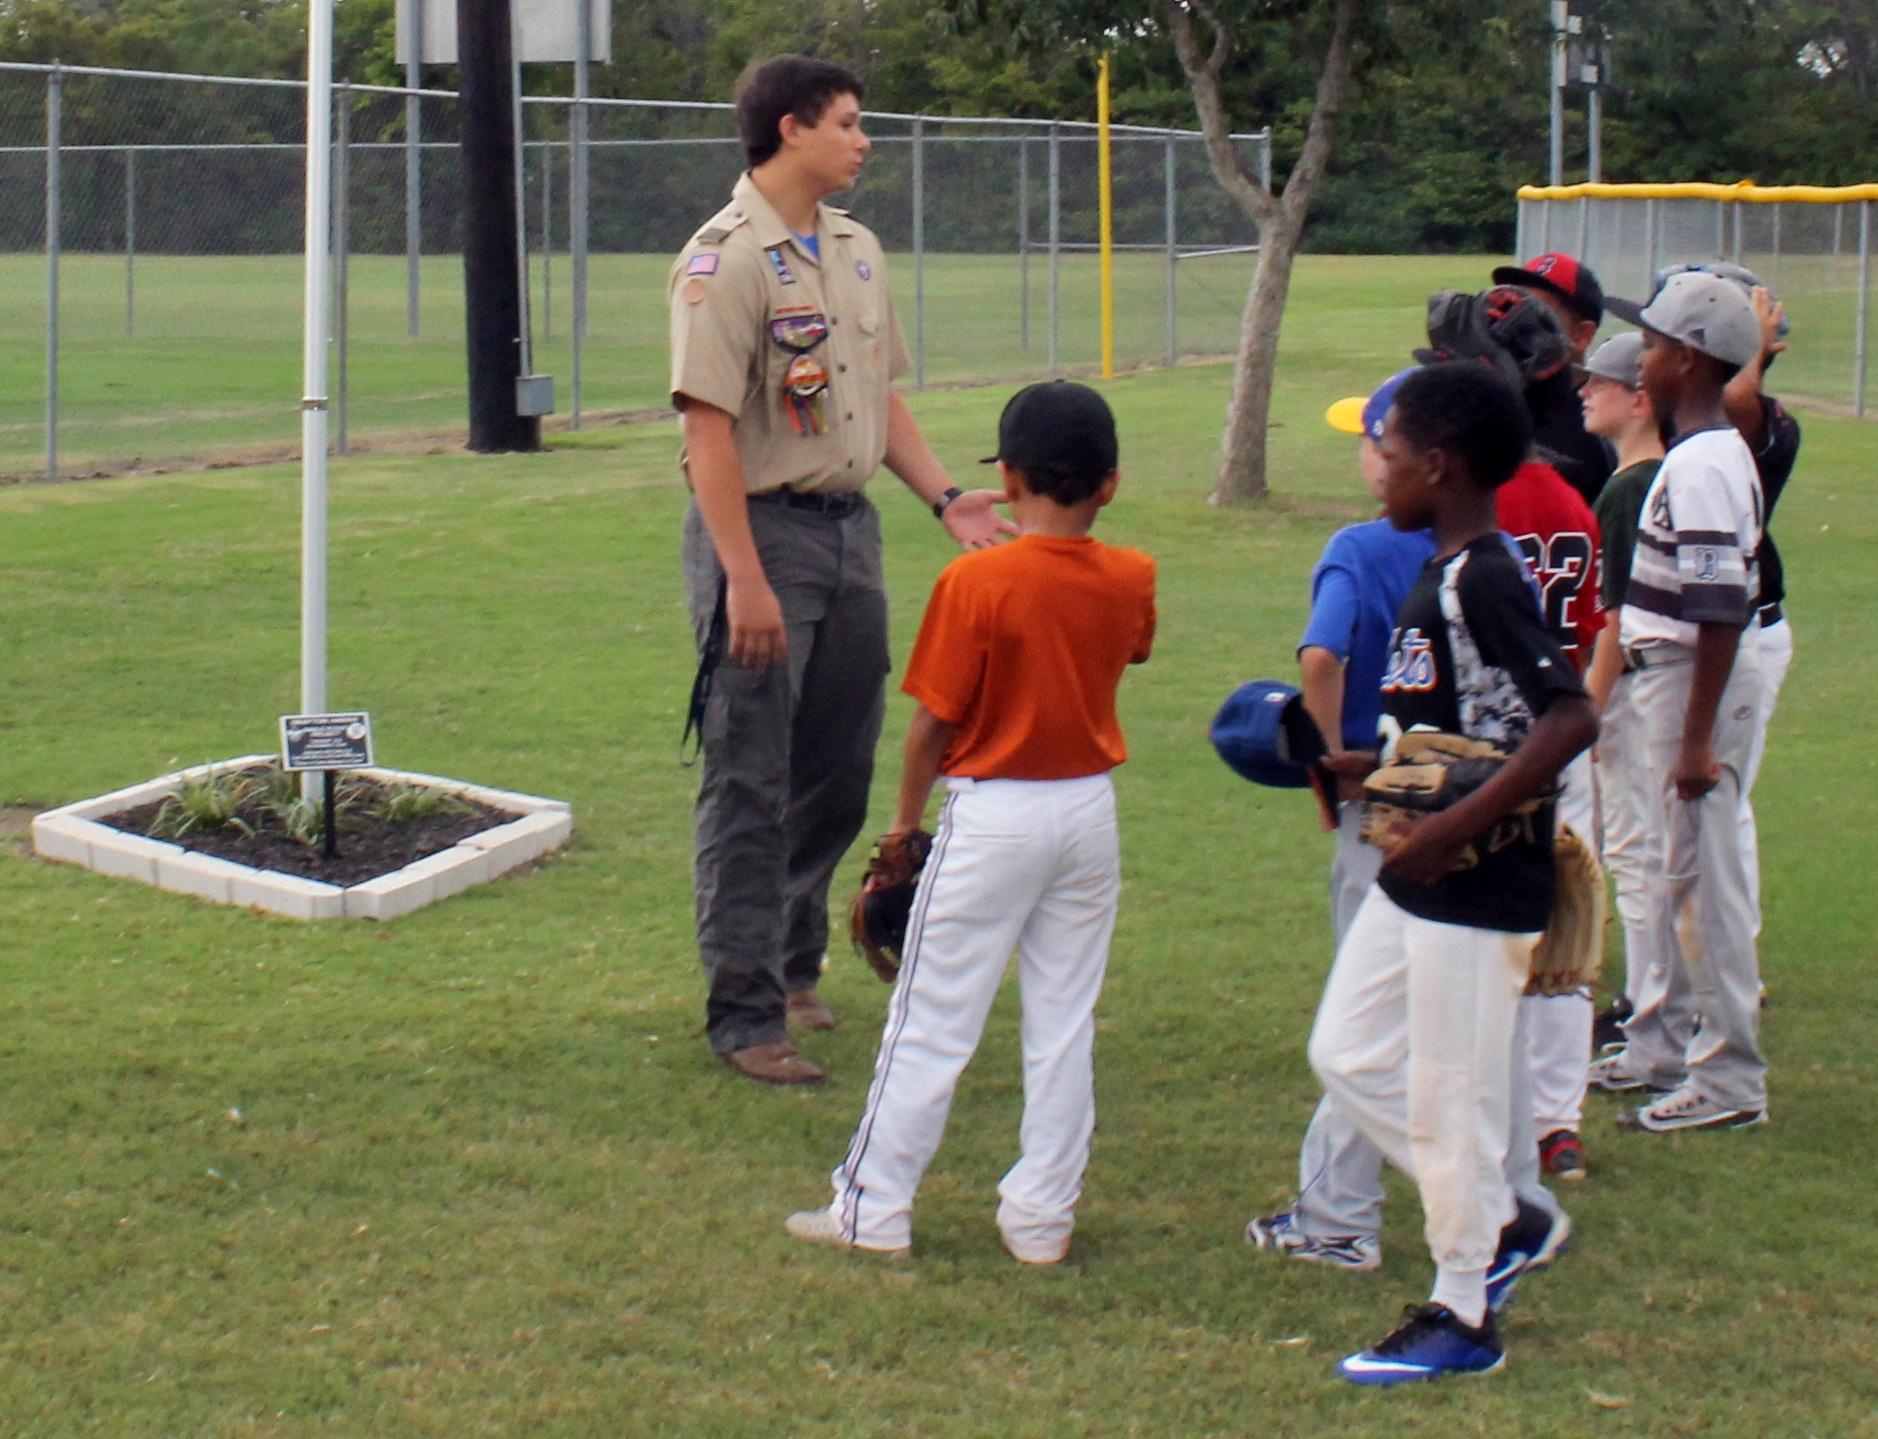 Boy_Scout_Eagle_Scout_Harris_Cast_Aluminum_6x8_Plaque_Stake_Mount_7-1.jpg